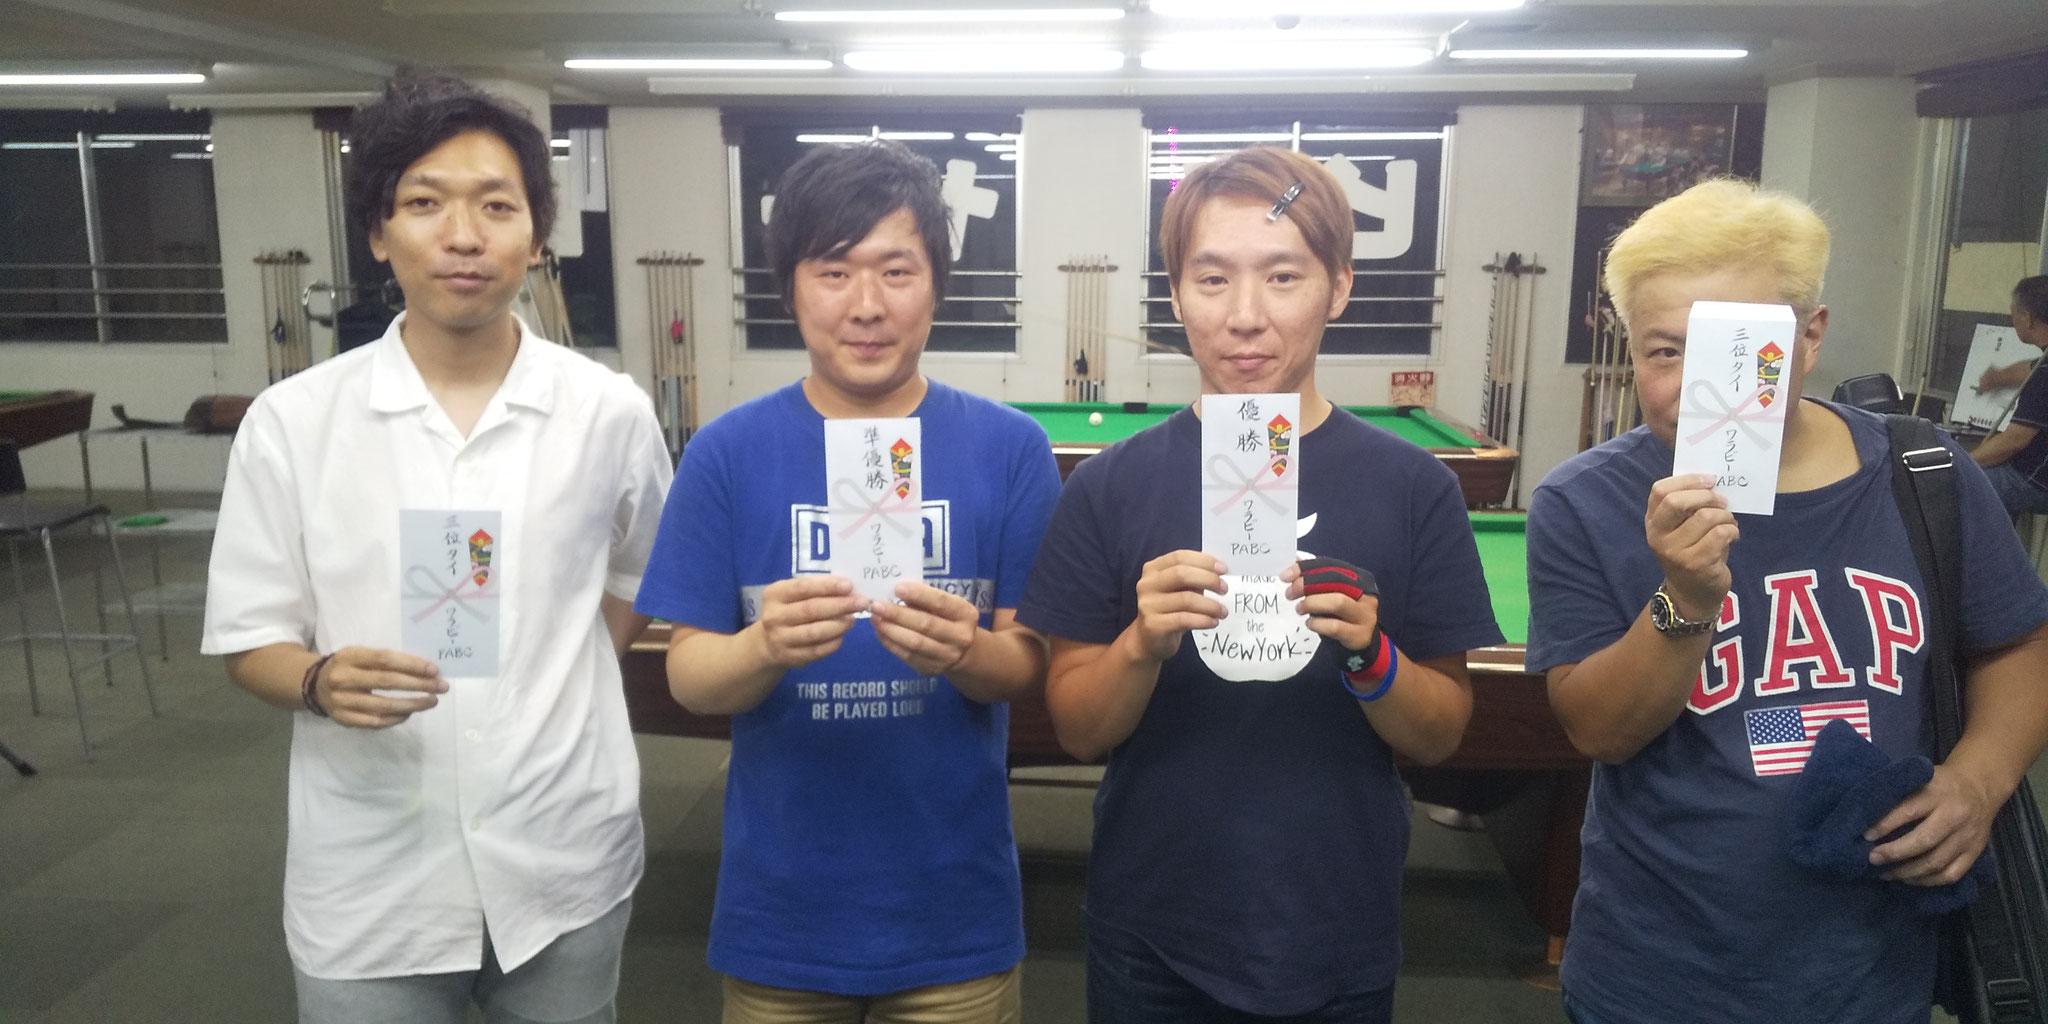 西村さん(3位) 大山sん(2位) 林さん(1位) 川野さん(3位)